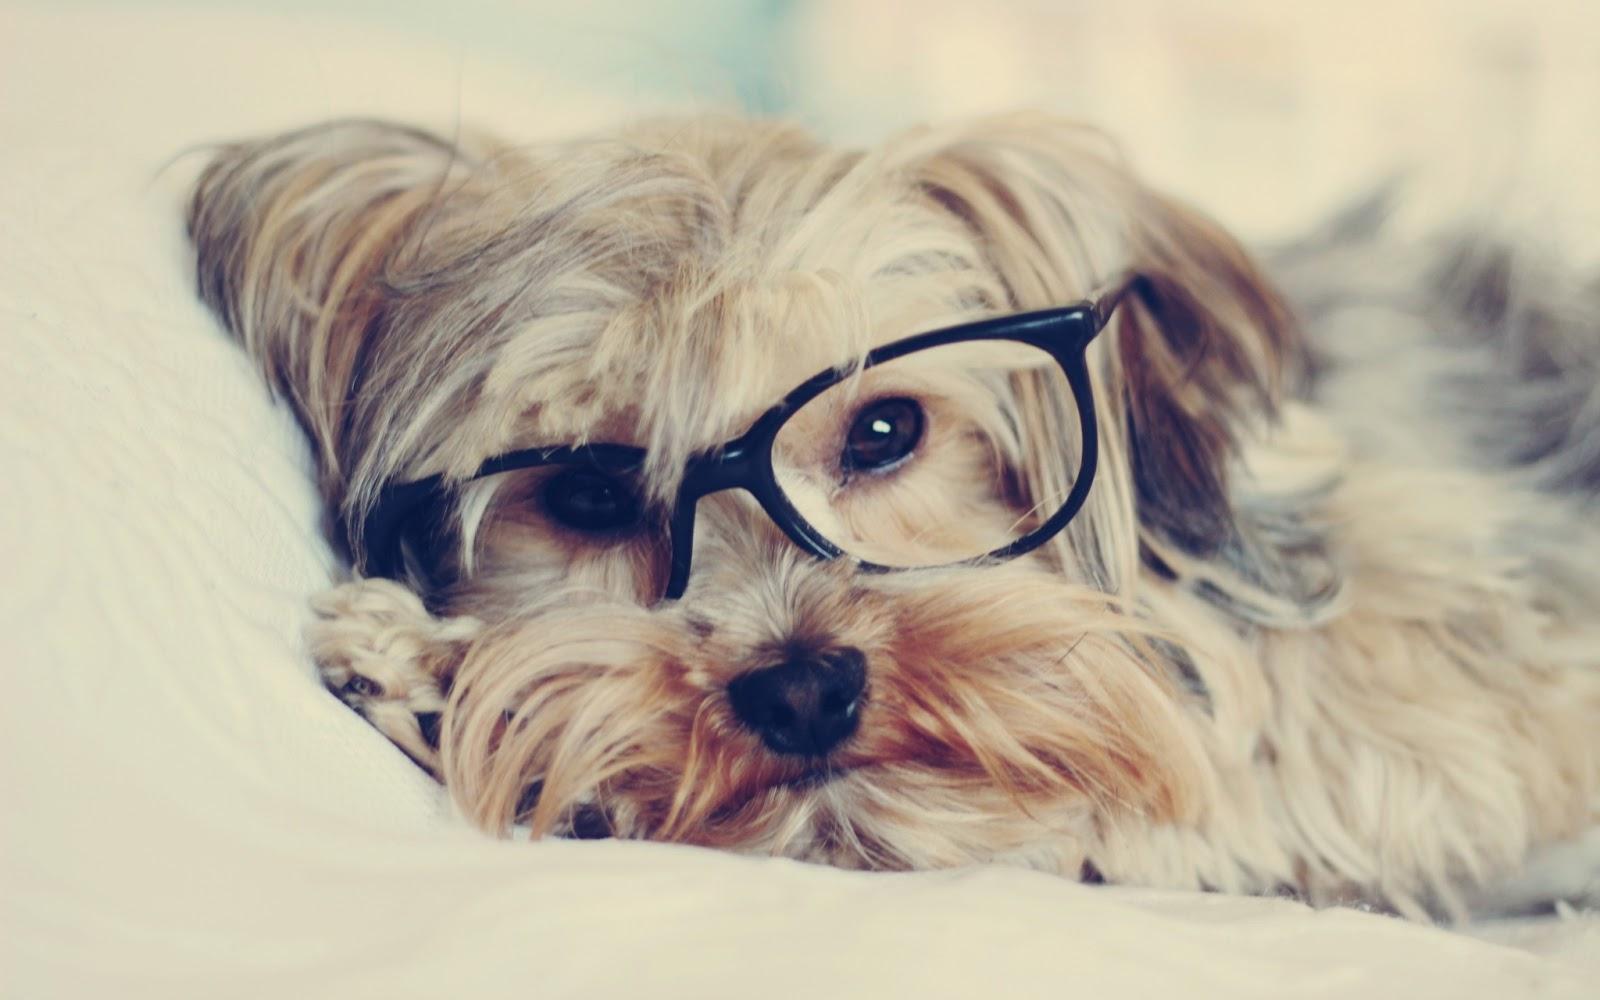 Imagenes y Wallpapers: Fondo de Pantalla Animales Gafas de